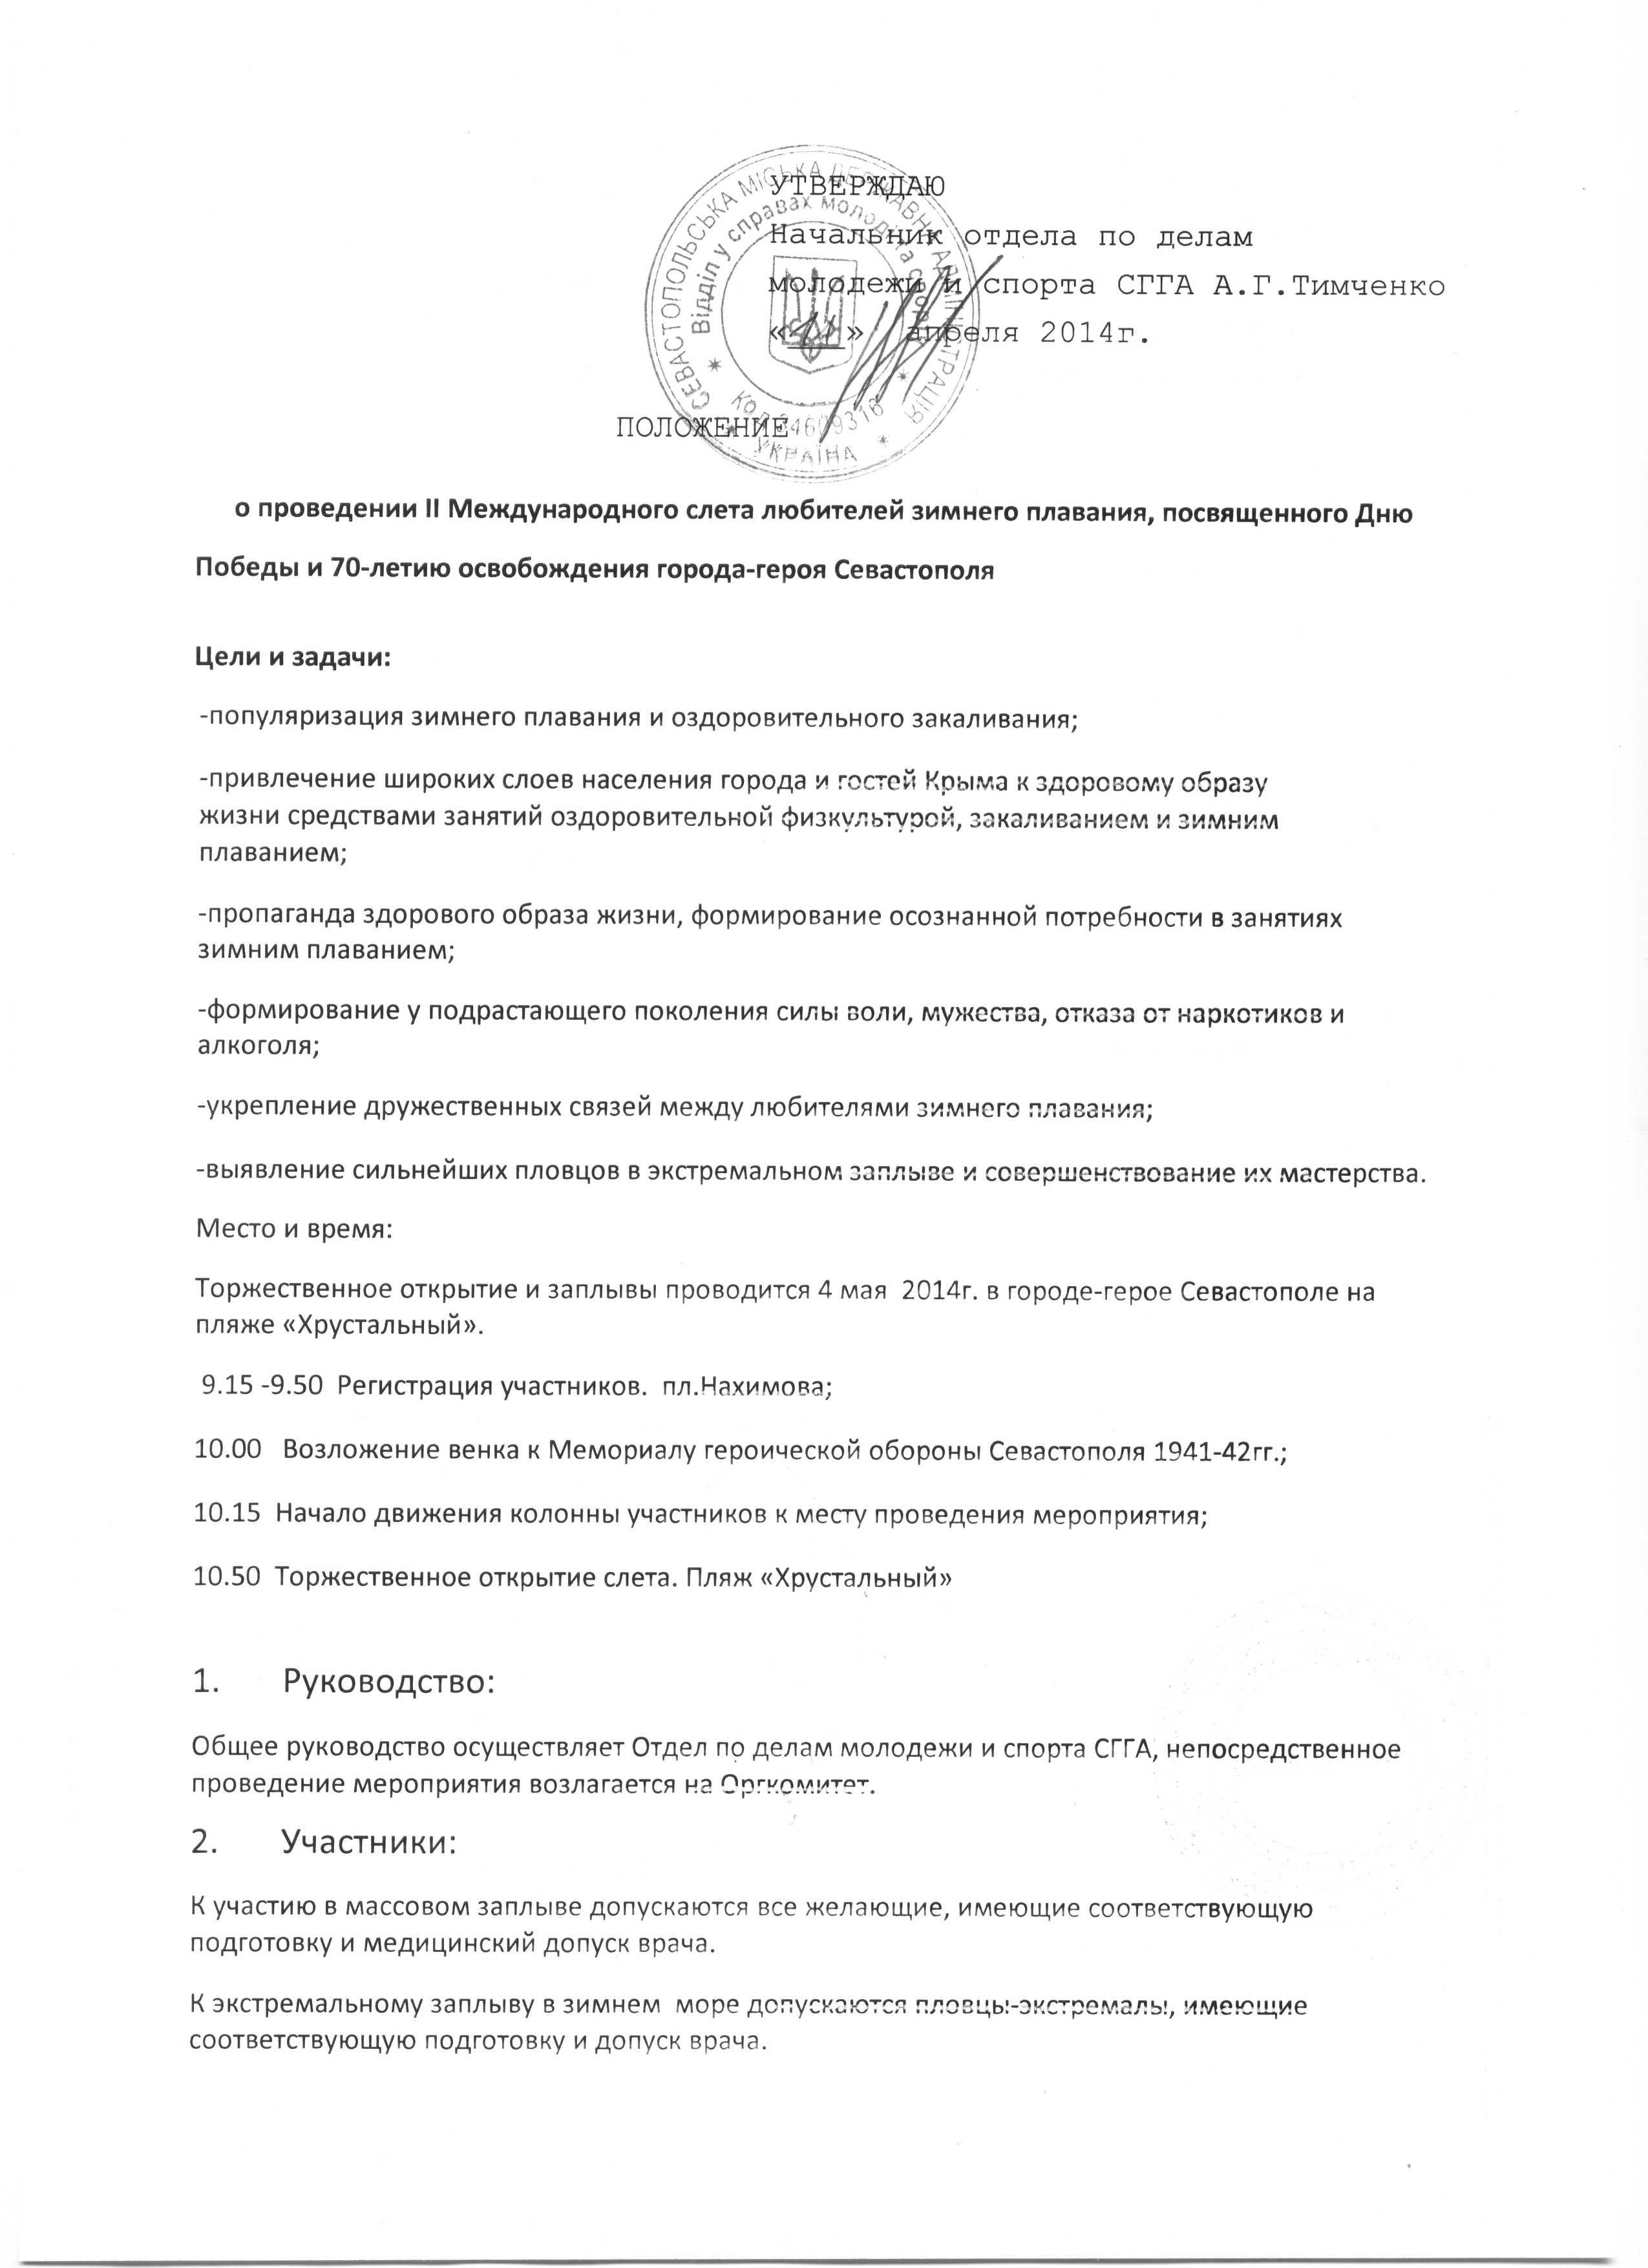 Справка освобождение от бассейна Чукотский проезд форма 026/у-2000 медицинская карта ребенка где купить